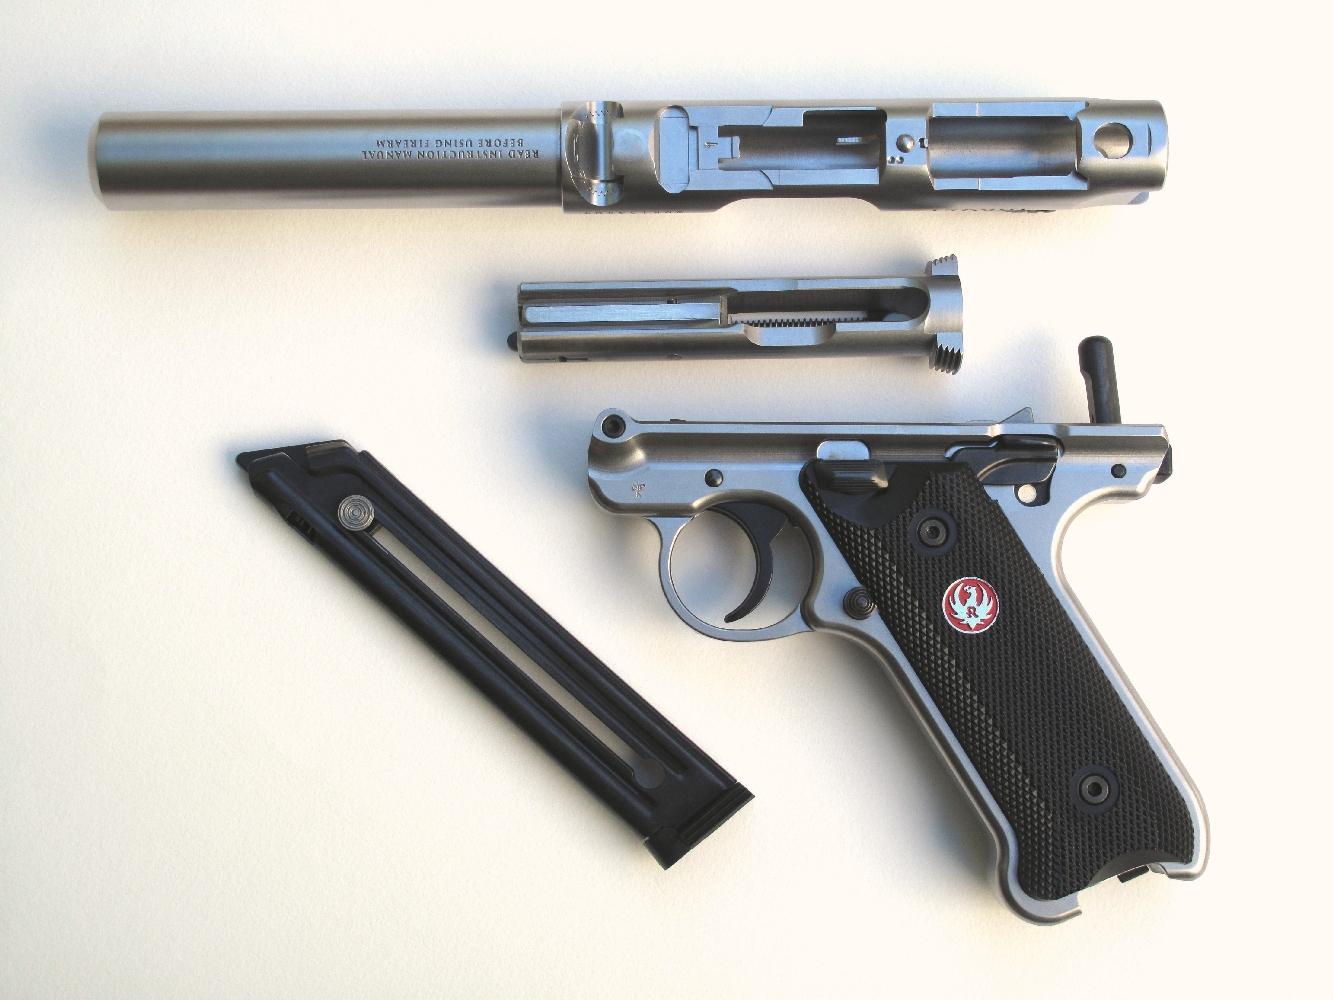 La dépose du canon et de la culasse, qui s'effectue de façon instantanée, autorise désormais l'utilisateur à réaliser un nettoyage rigoureux de son arme chaque fois qu'il le jugera nécessaire.